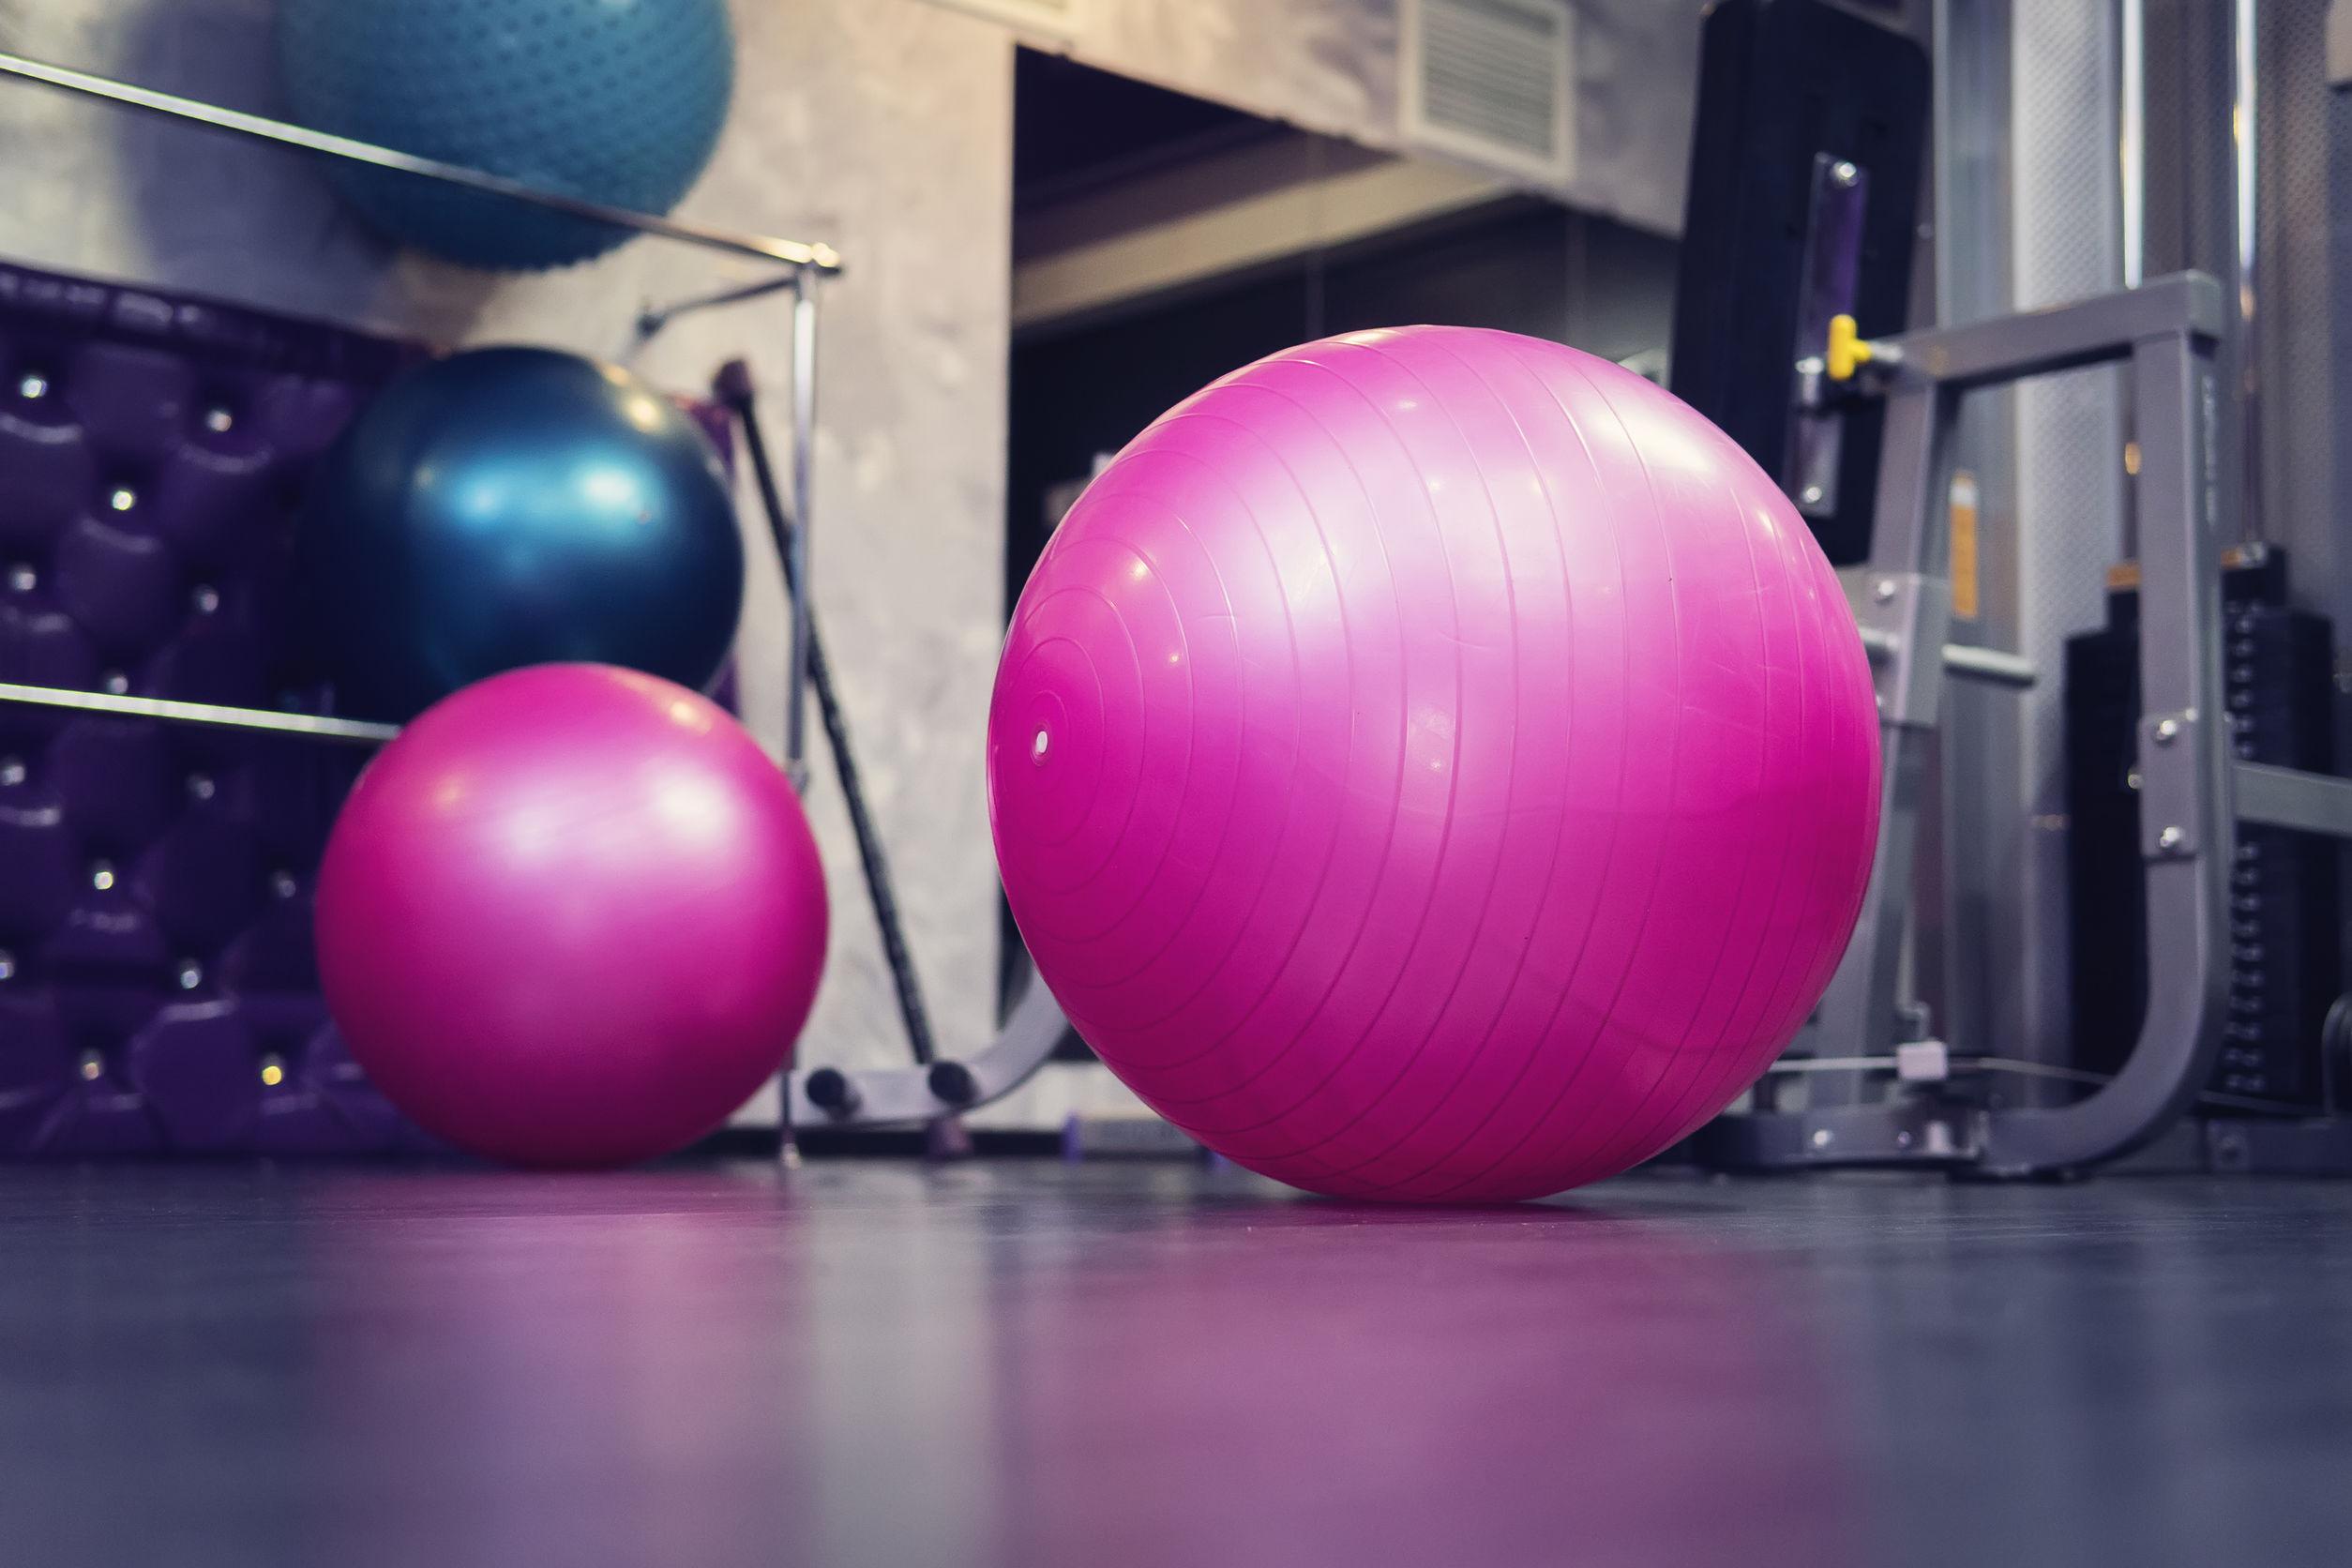 pelotas de pilates en gimnasio